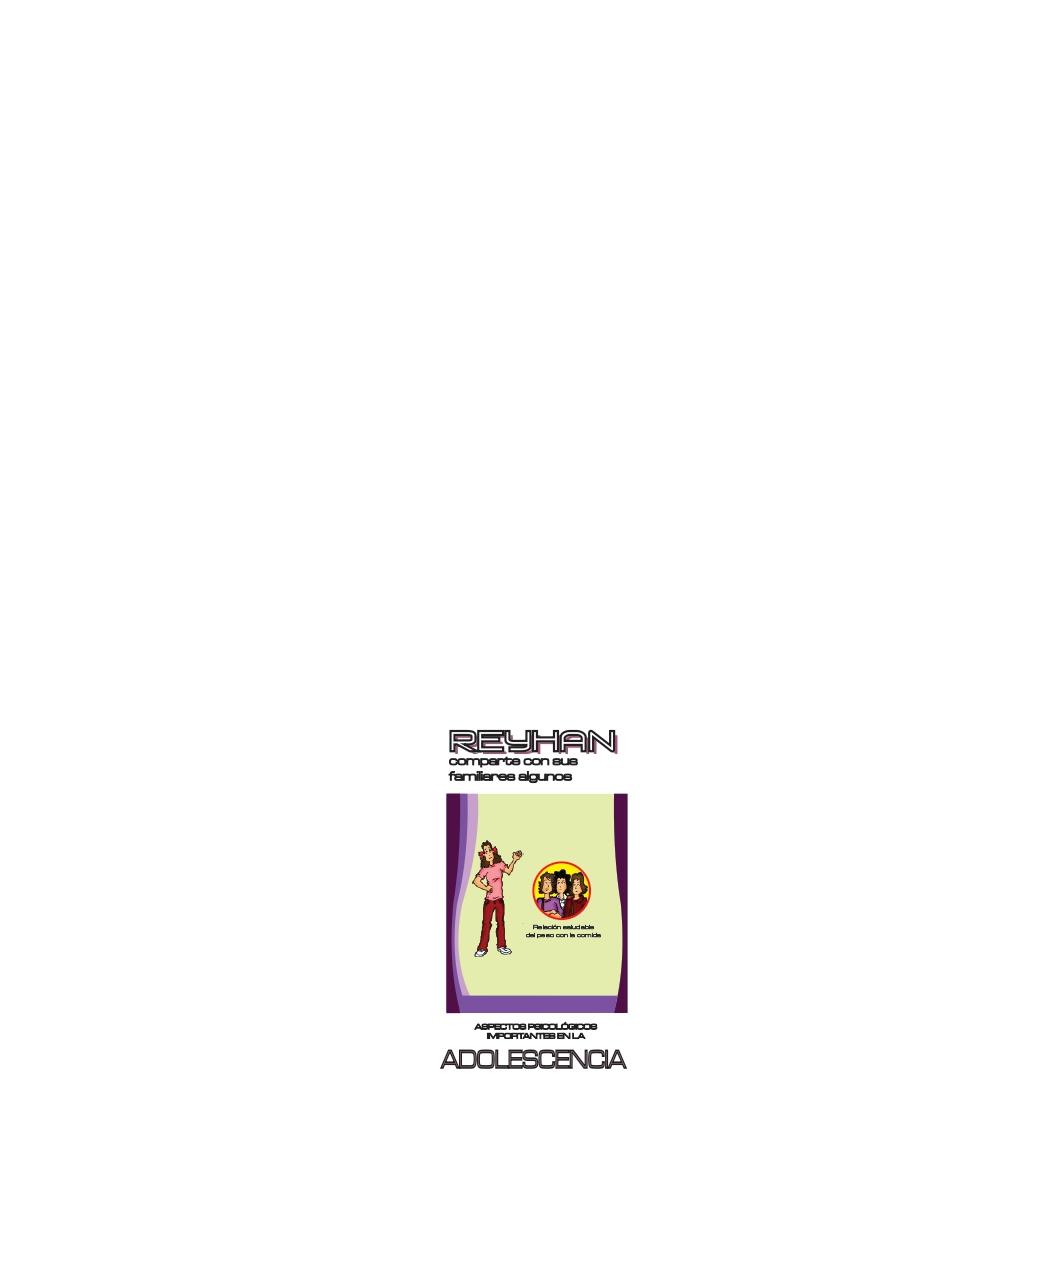 Psicología padres Reyhan cap1_1 digital_page-0023